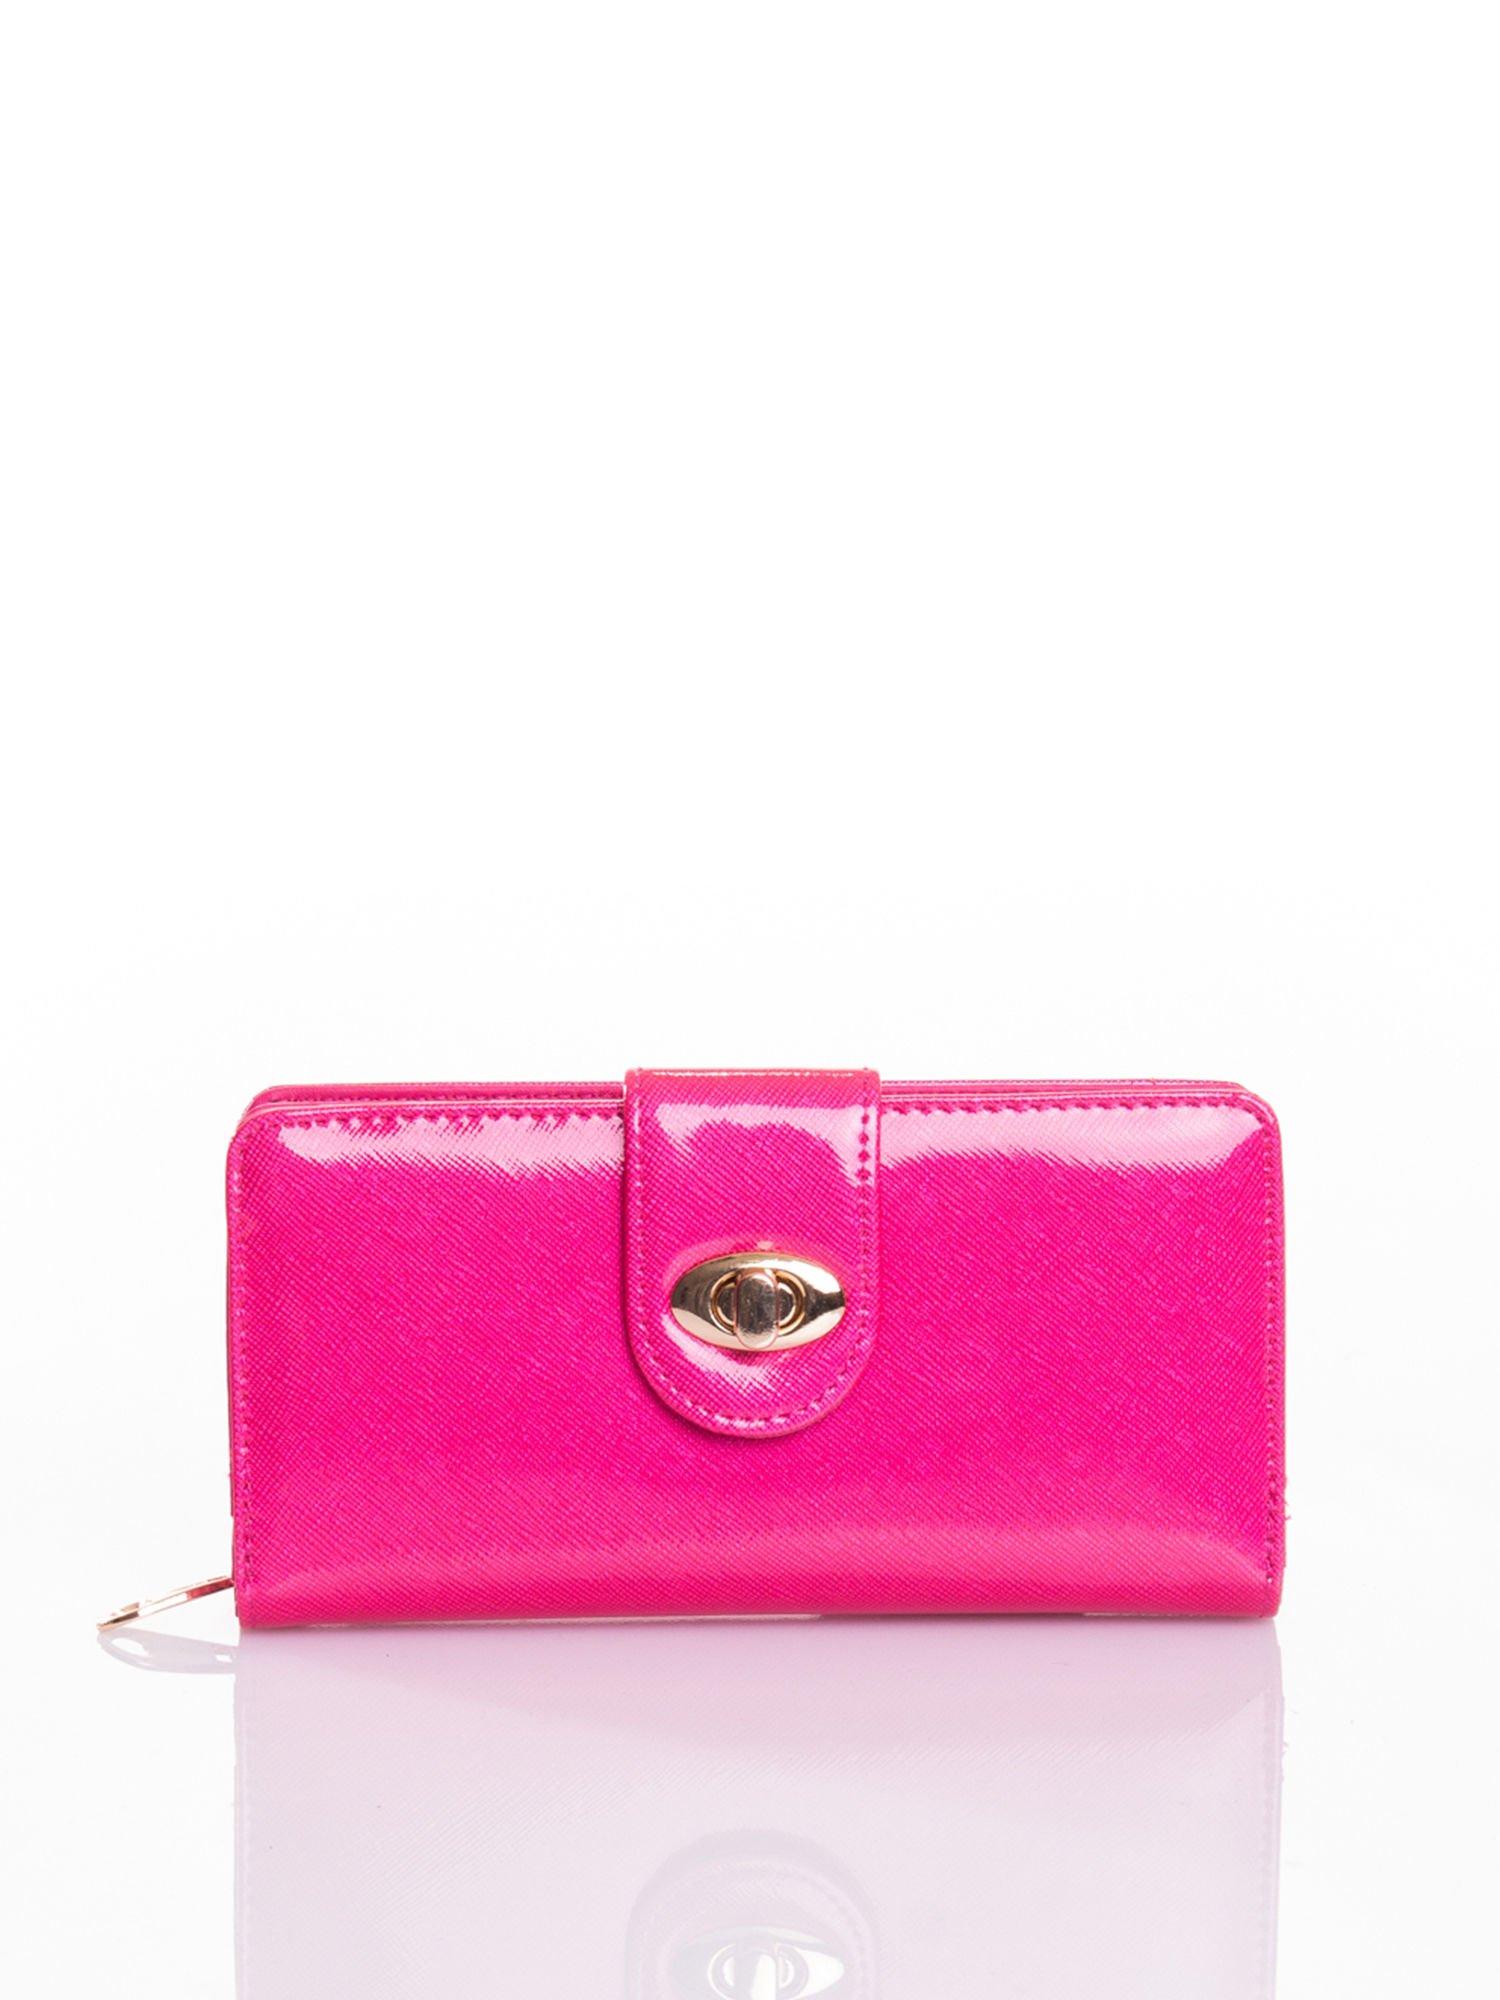 Rożowy portfel ze złotym zapięciem efekt skóry saffiano                                  zdj.                                  1